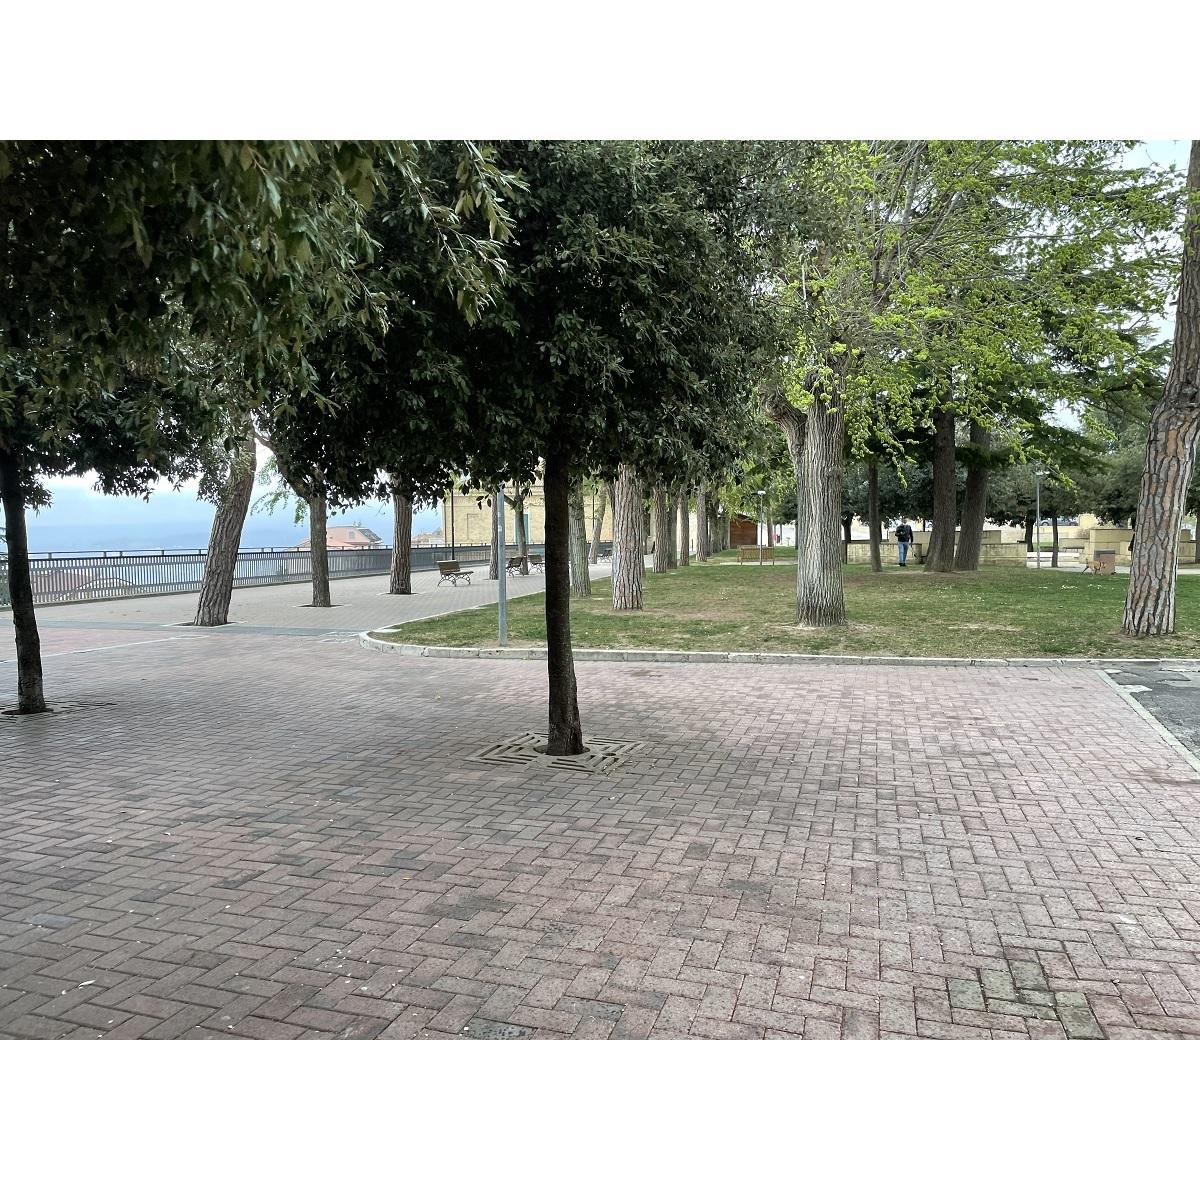 Città Sant'Angelo nuovo chiosco nel giardino foto